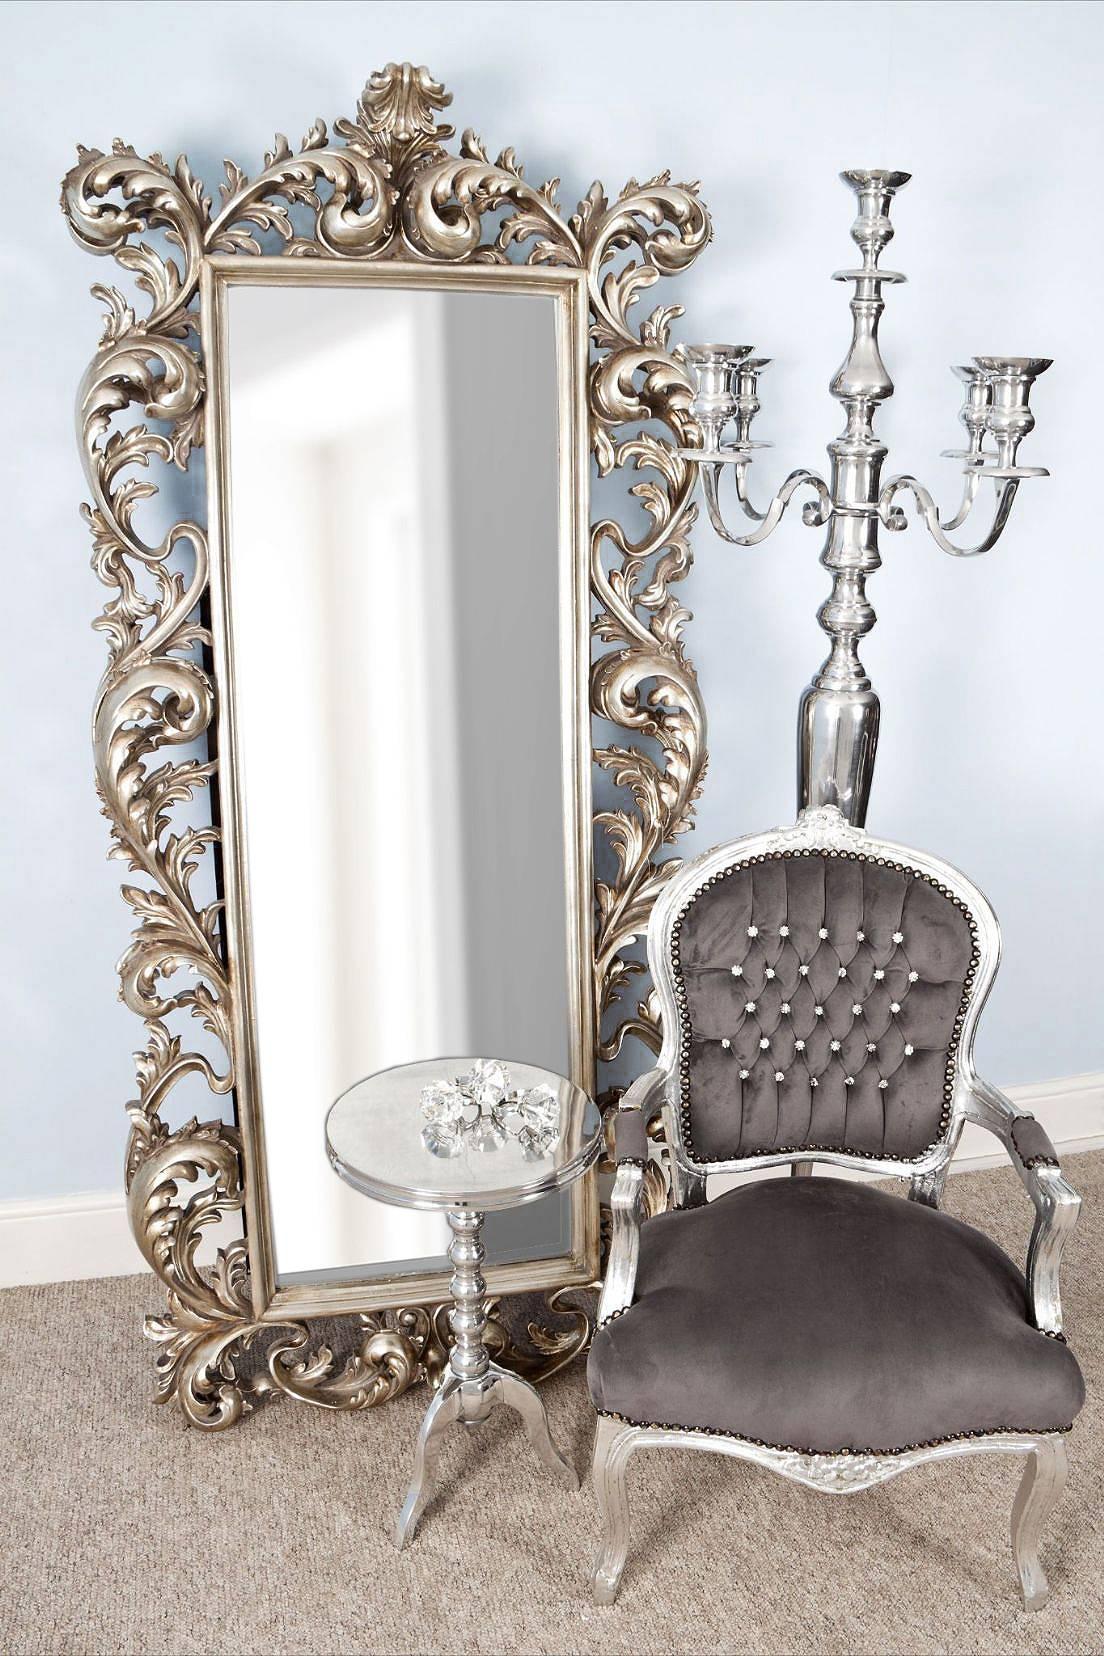 Зеркало на кухне: 50+ фото, идеи с фацетом, рисунком, у стола, панно и др.